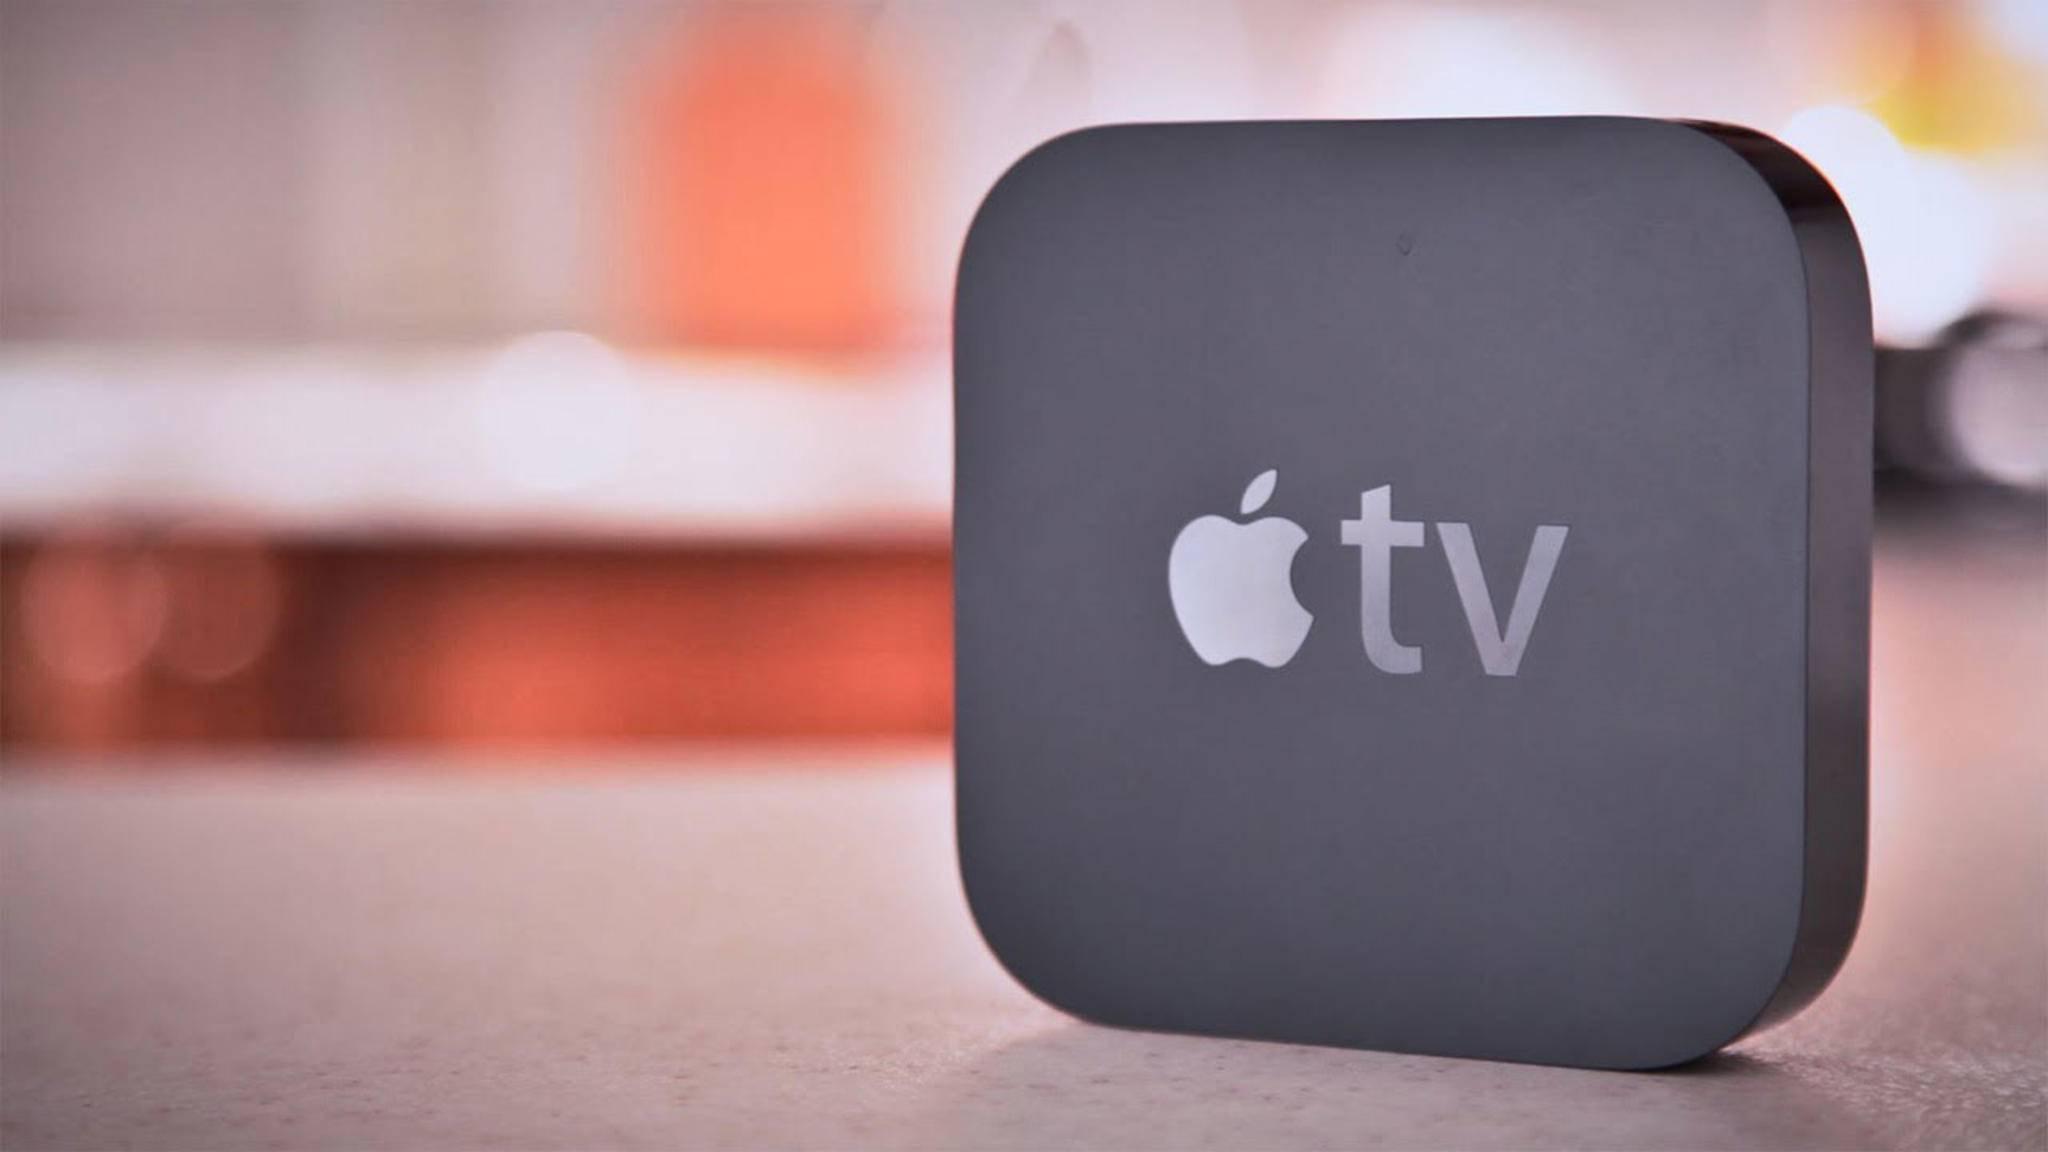 Kinofilme direkt zum Start über den Apple TV streamen? Genau das könnte bald möglich sein.